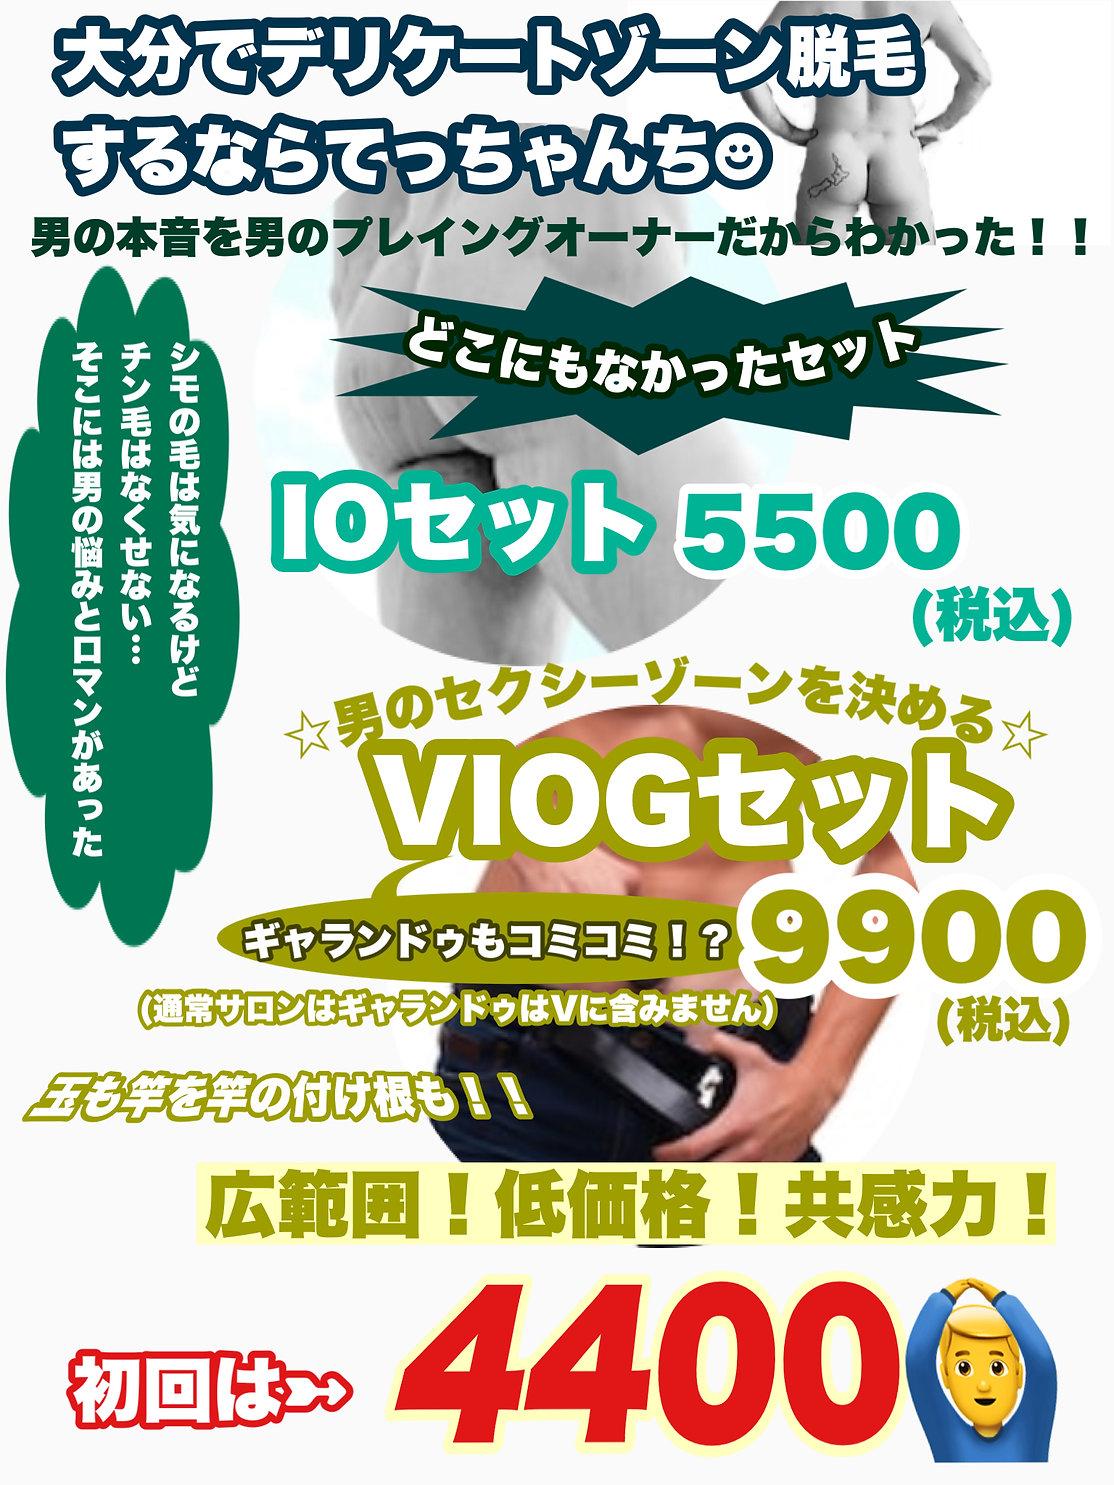 661278E8-3DE1-4BE9-8AEB-79783E6CD003.jpe